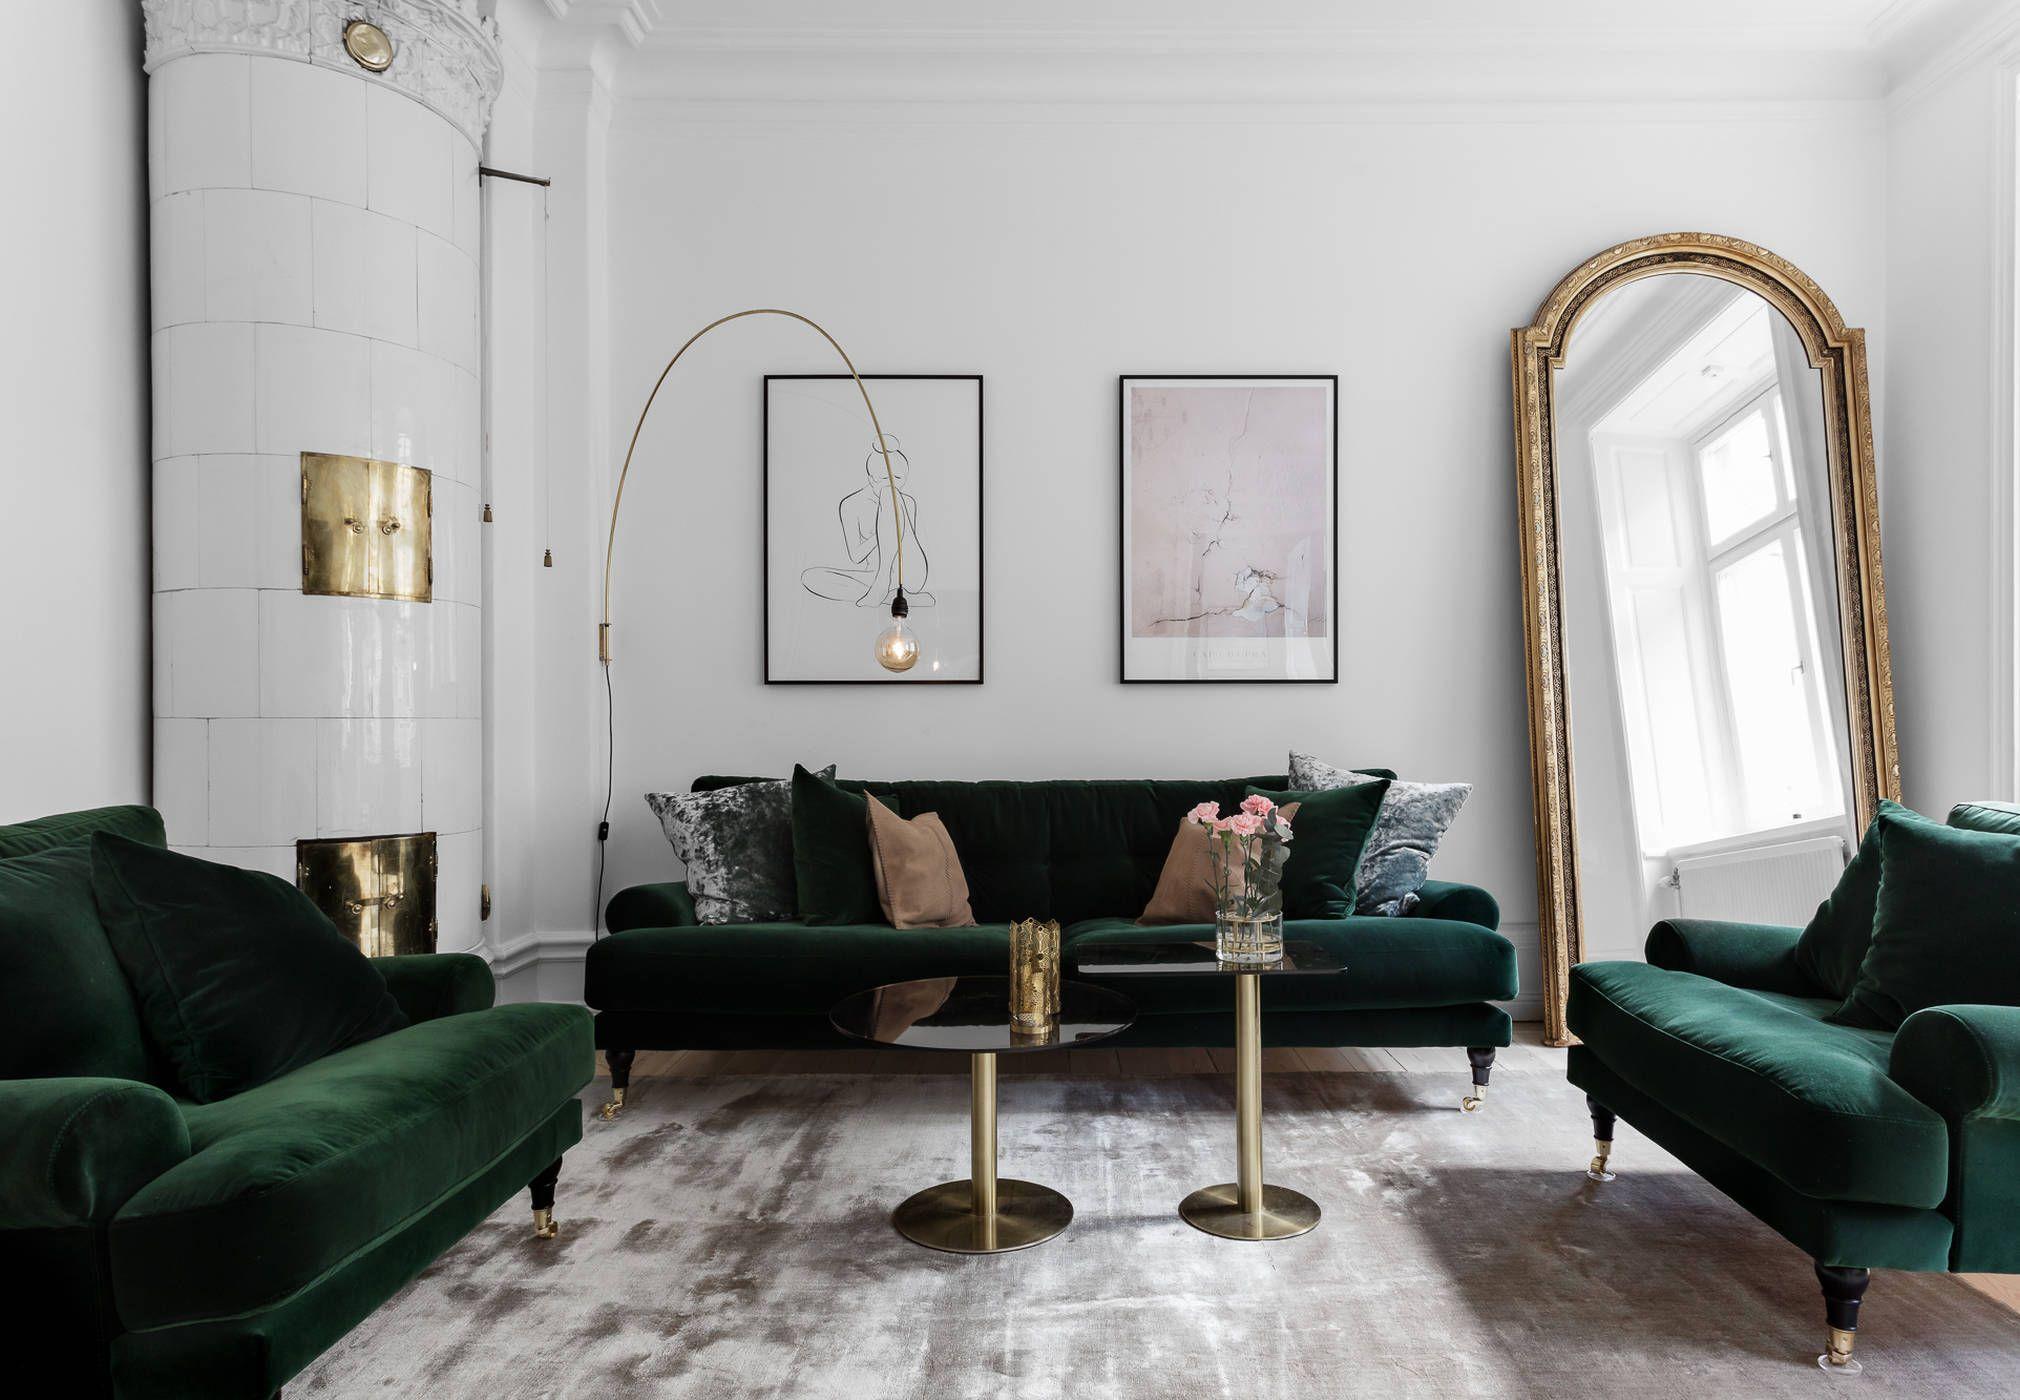 Grünes esszimmer design diese charmante wohnung im zentrum von stockholm ist ein muss  home